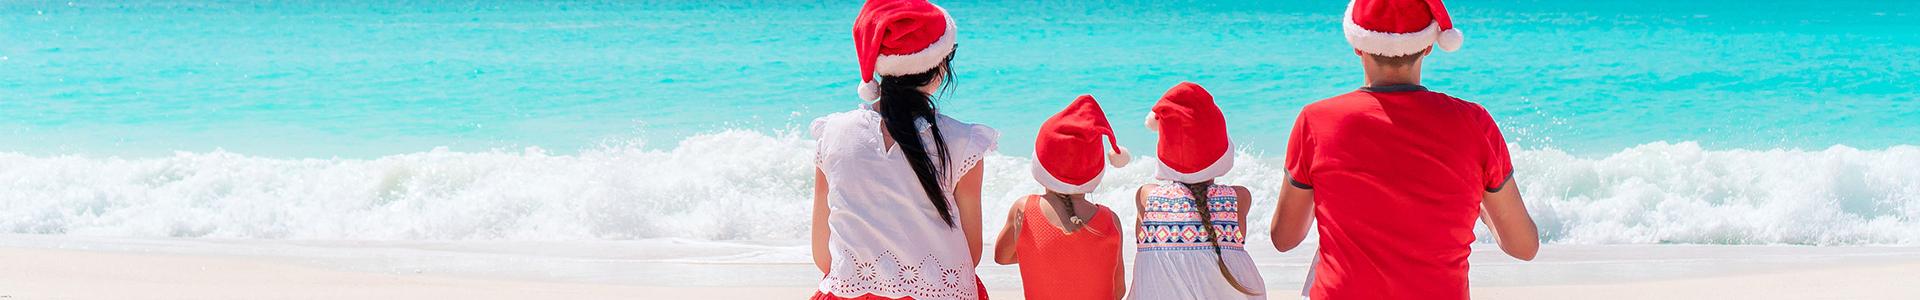 Vacances de Noël & Nouvel An